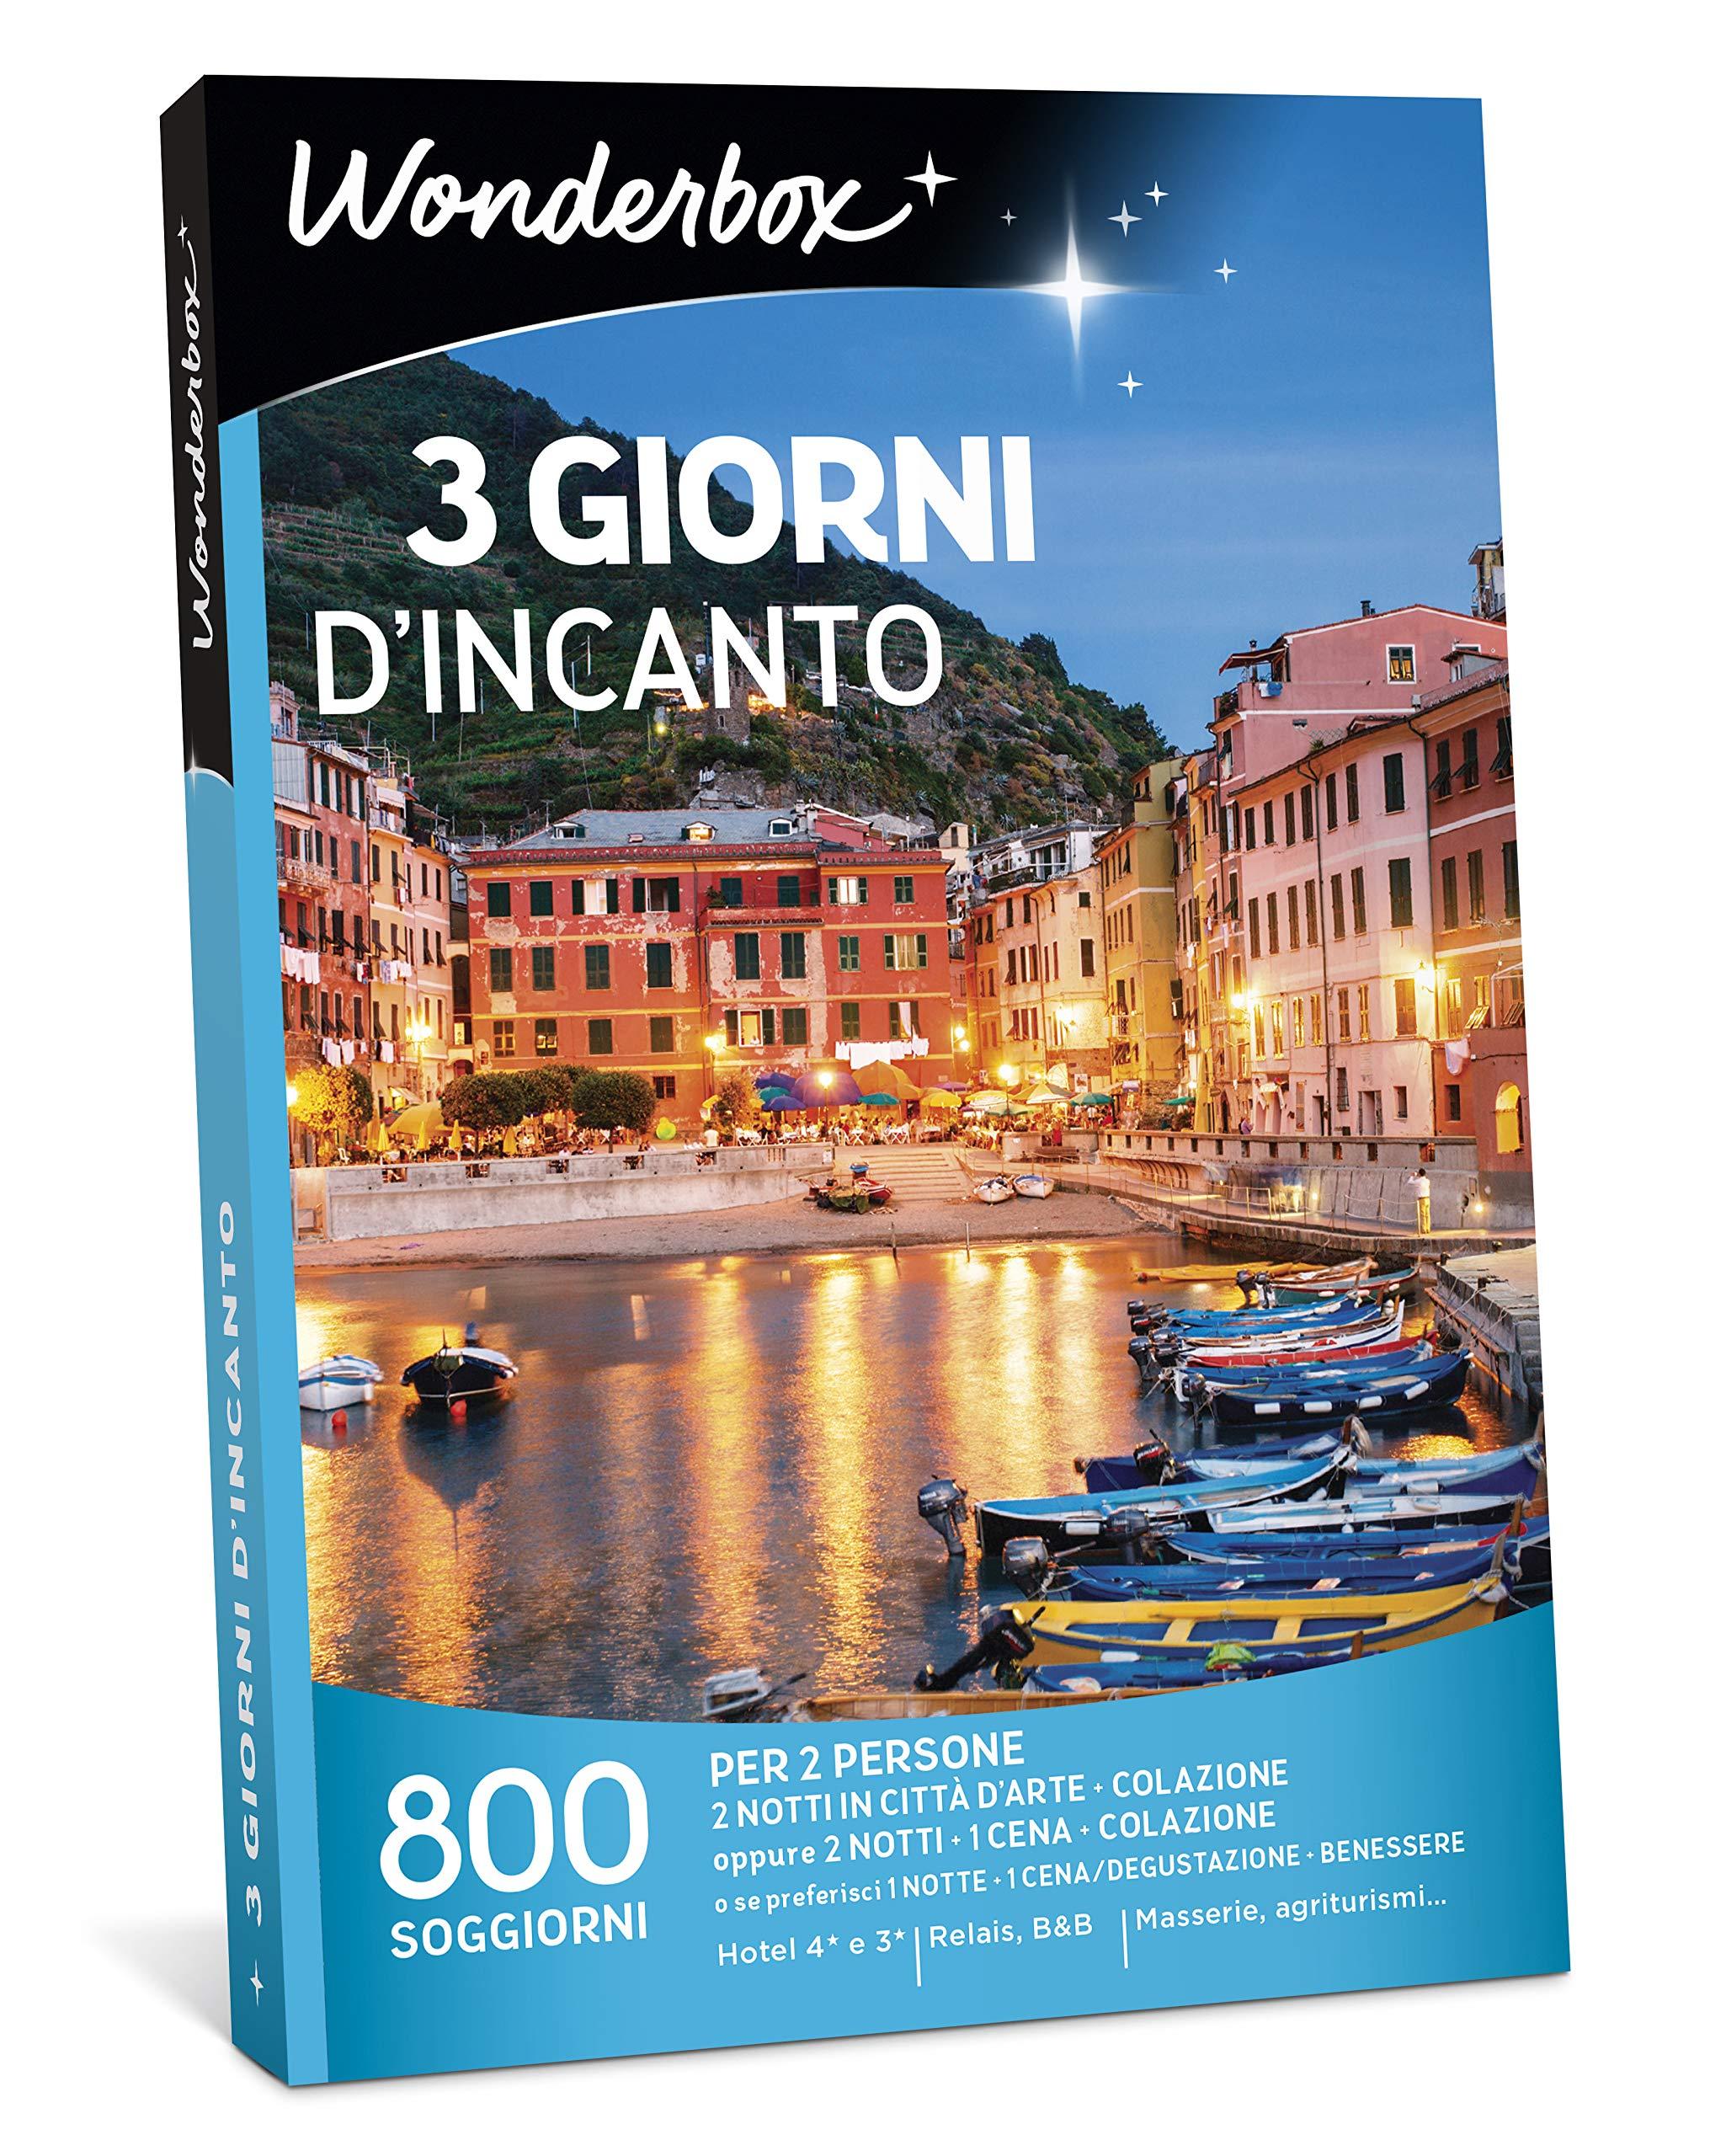 WONDERBOX - Cofanetto Regalo per Coppia- 3 Giorni D\'INCANTO - 800 SOGGIORNI  per 2 Persone